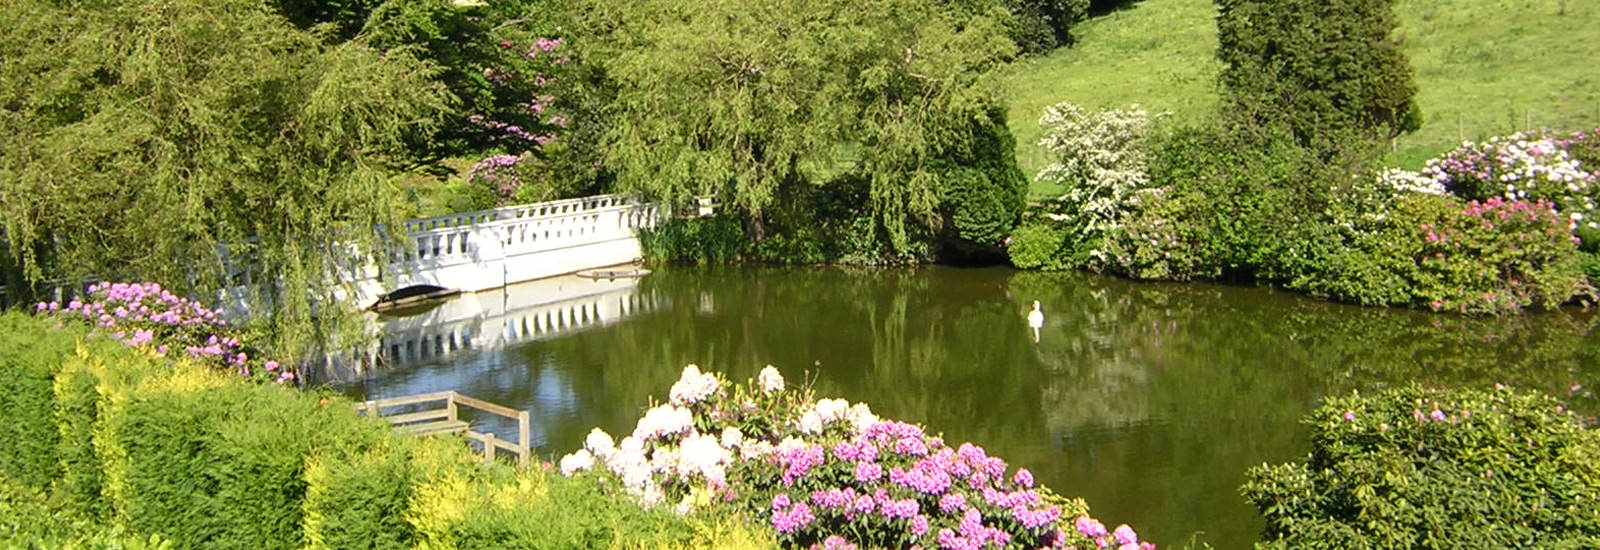 Raithwaite Estate lake and gardens.